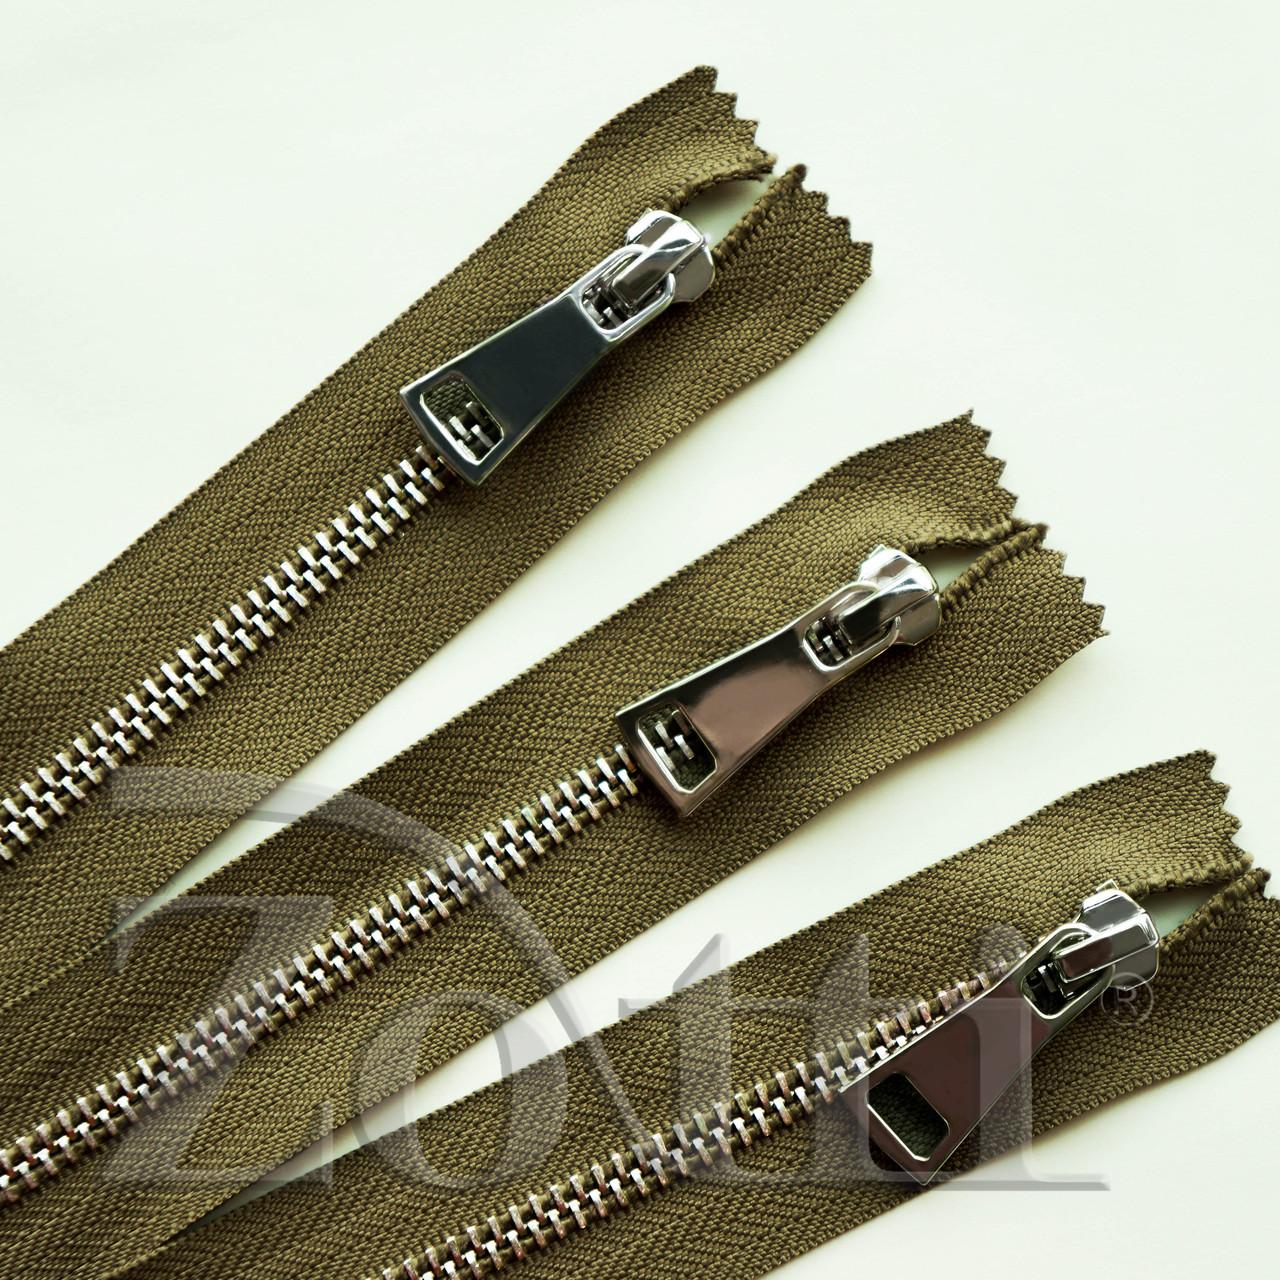 Молния (змейка,застежка) металлическая №5, размерная, обувная, хаки, с серебряным бегунком № 115 - 16 см